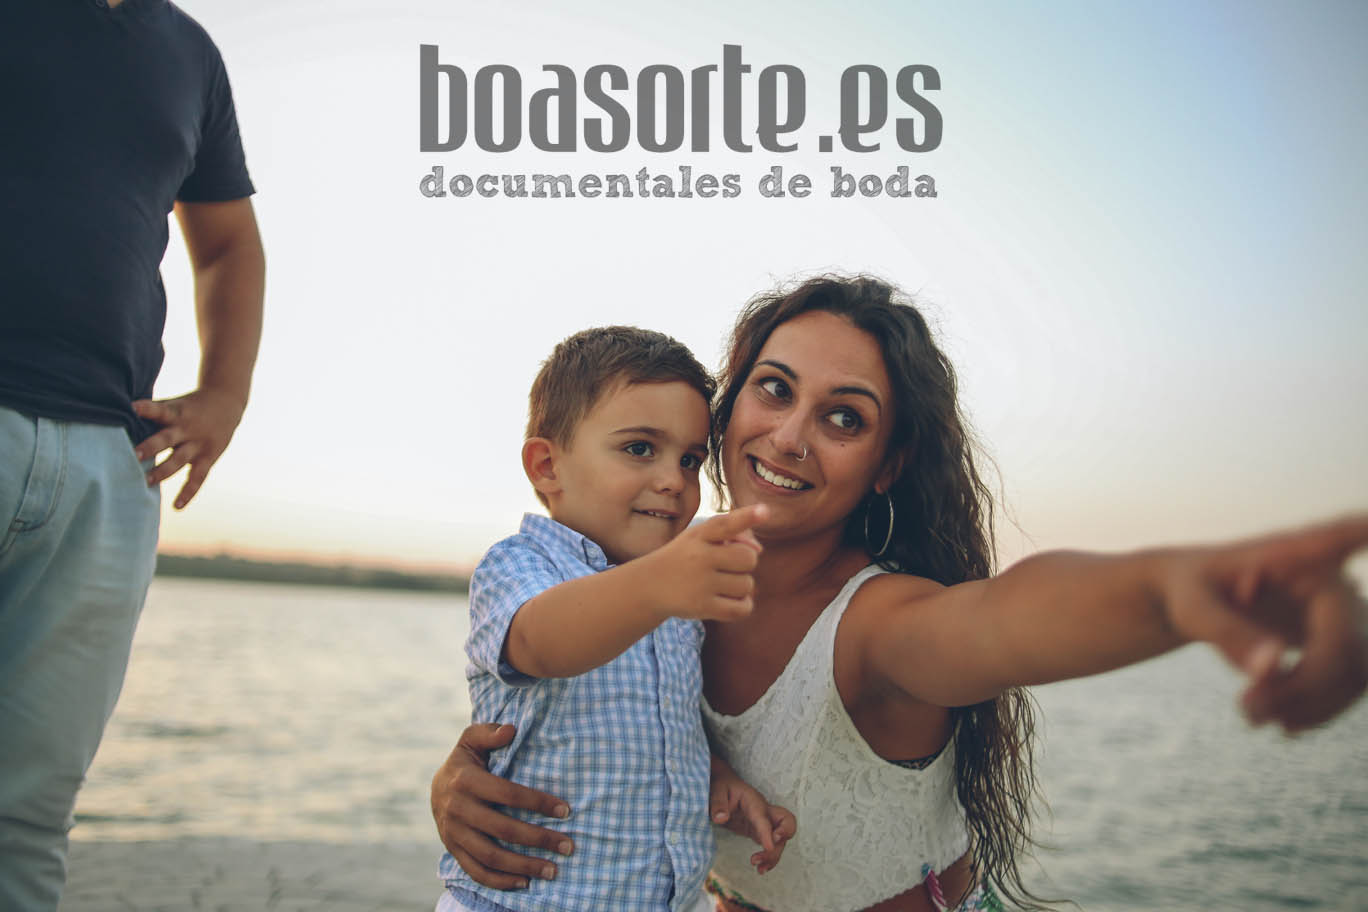 fotografia_preboda_en_familia_boasorte4